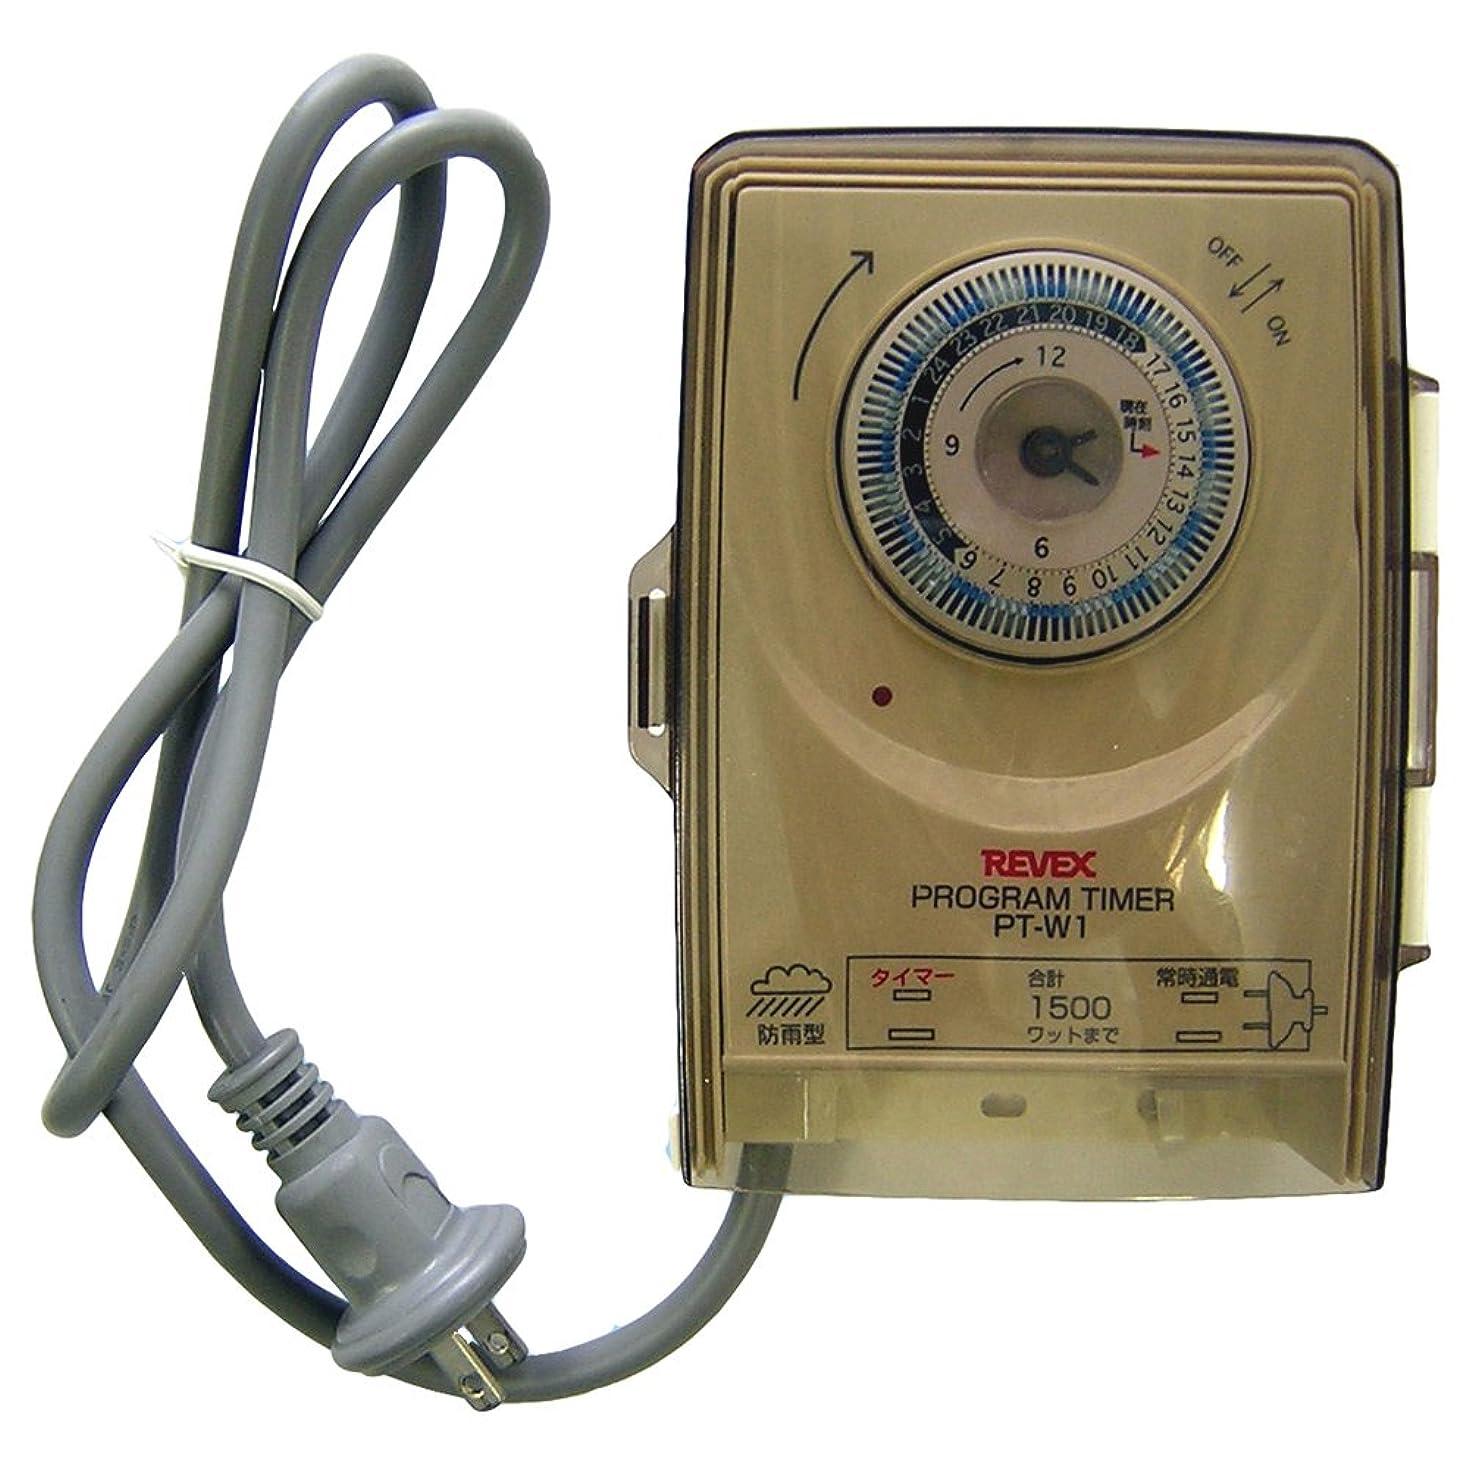 ミトン参加するママ屋外用プログラムタイマー PT-W1 11529